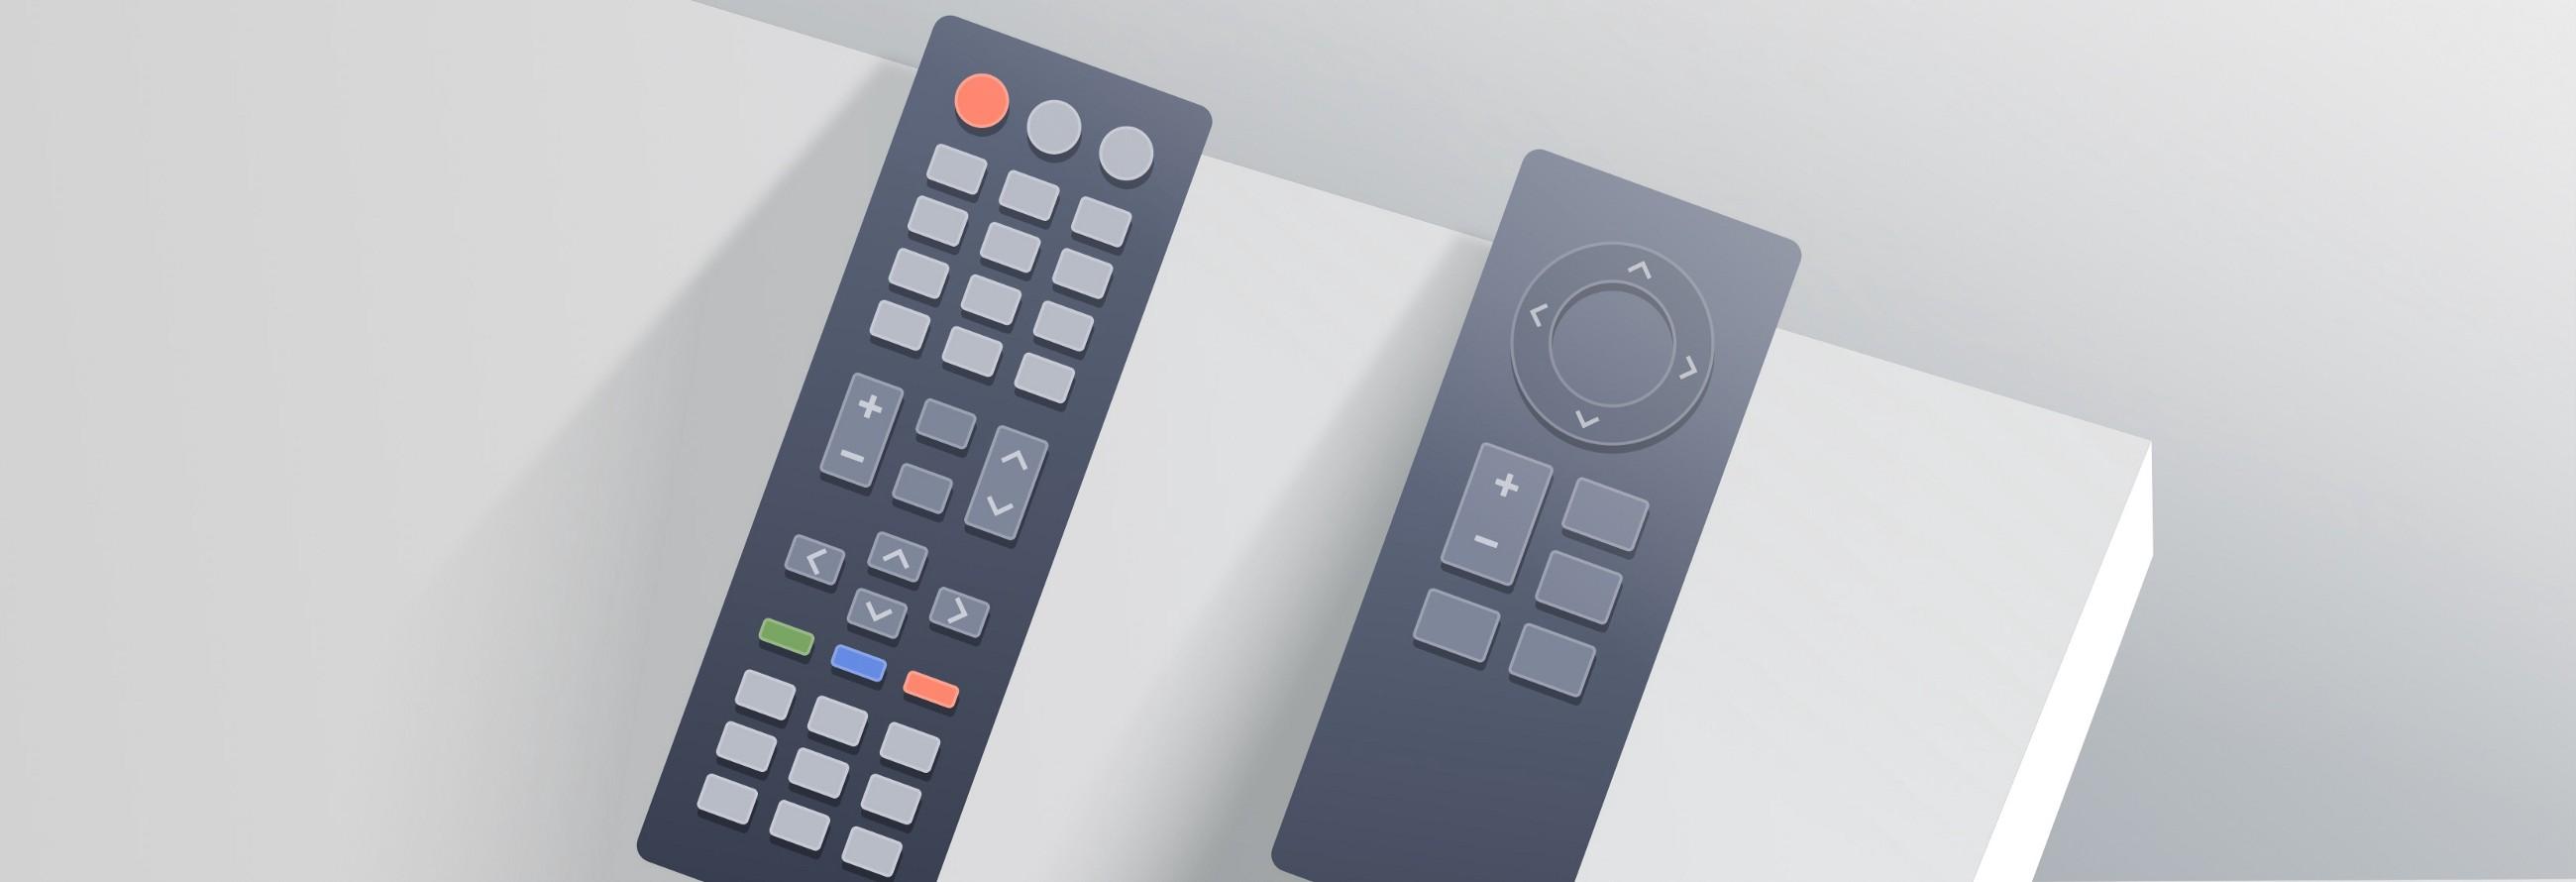 Quy luật của sự đơn giản trong thiết kế sản phẩm